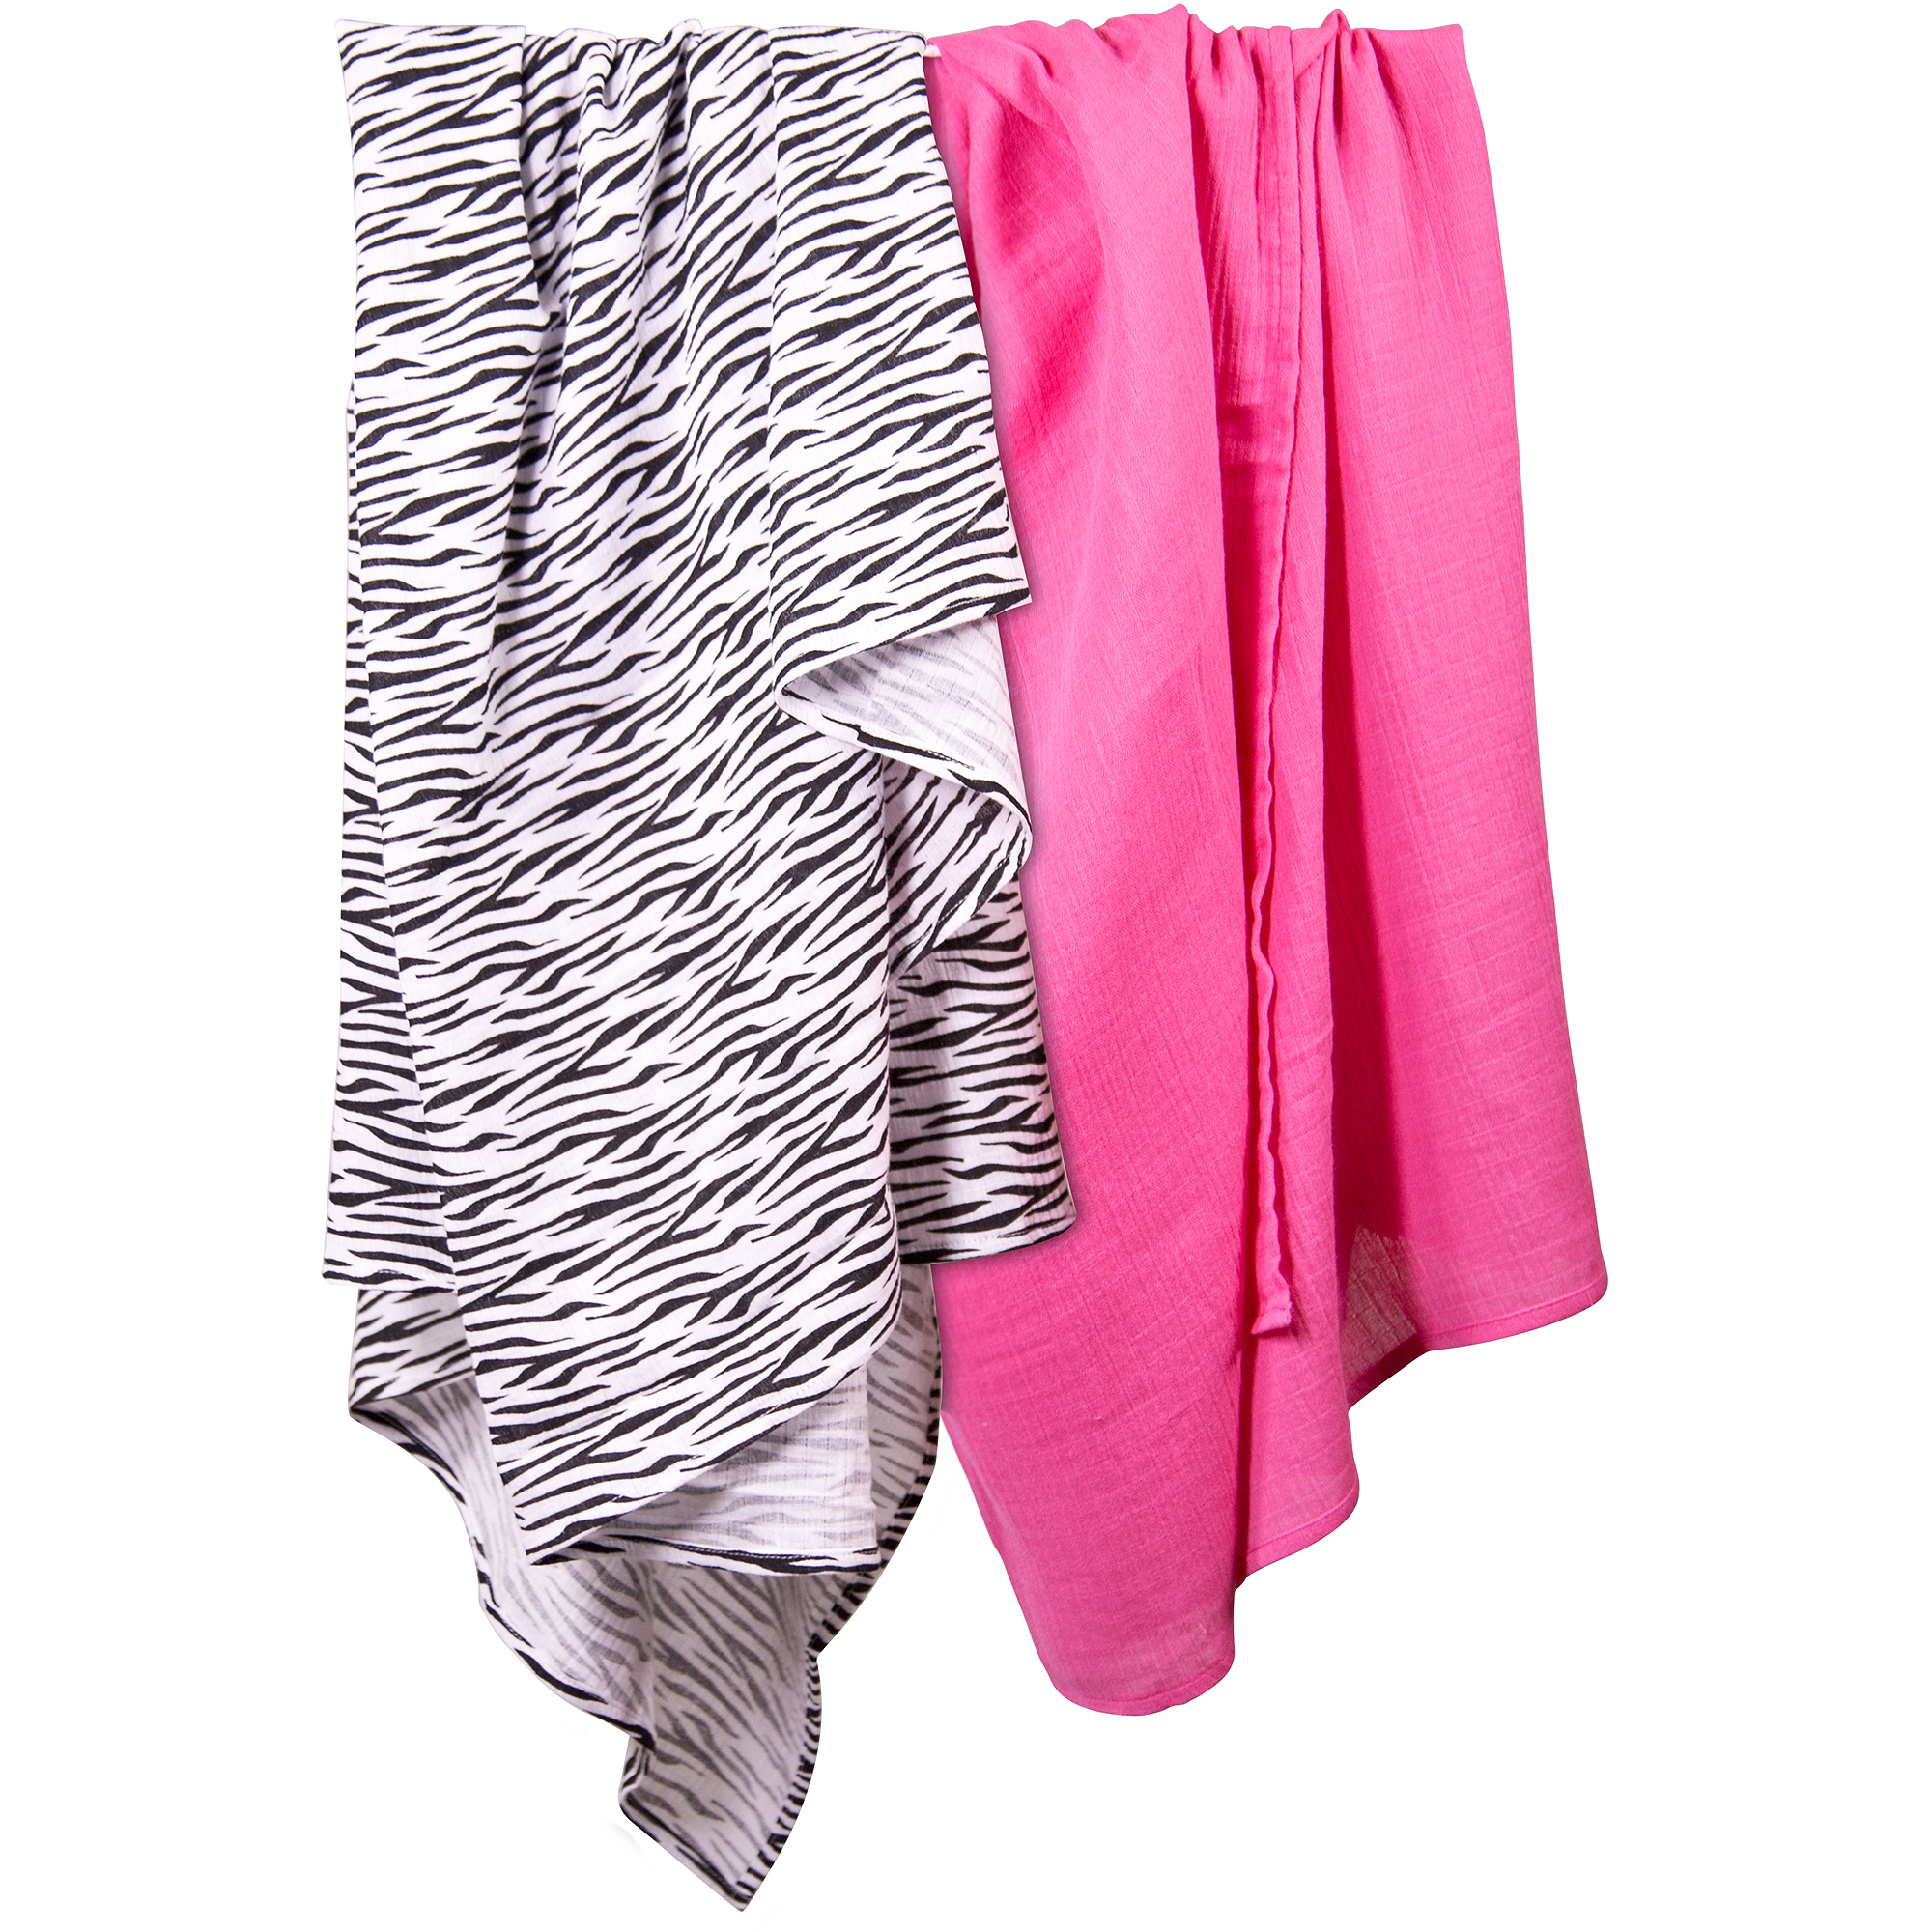 Summer Infant SwaddleMe Muslin Blanket, 2-Pack, Zebra Diva